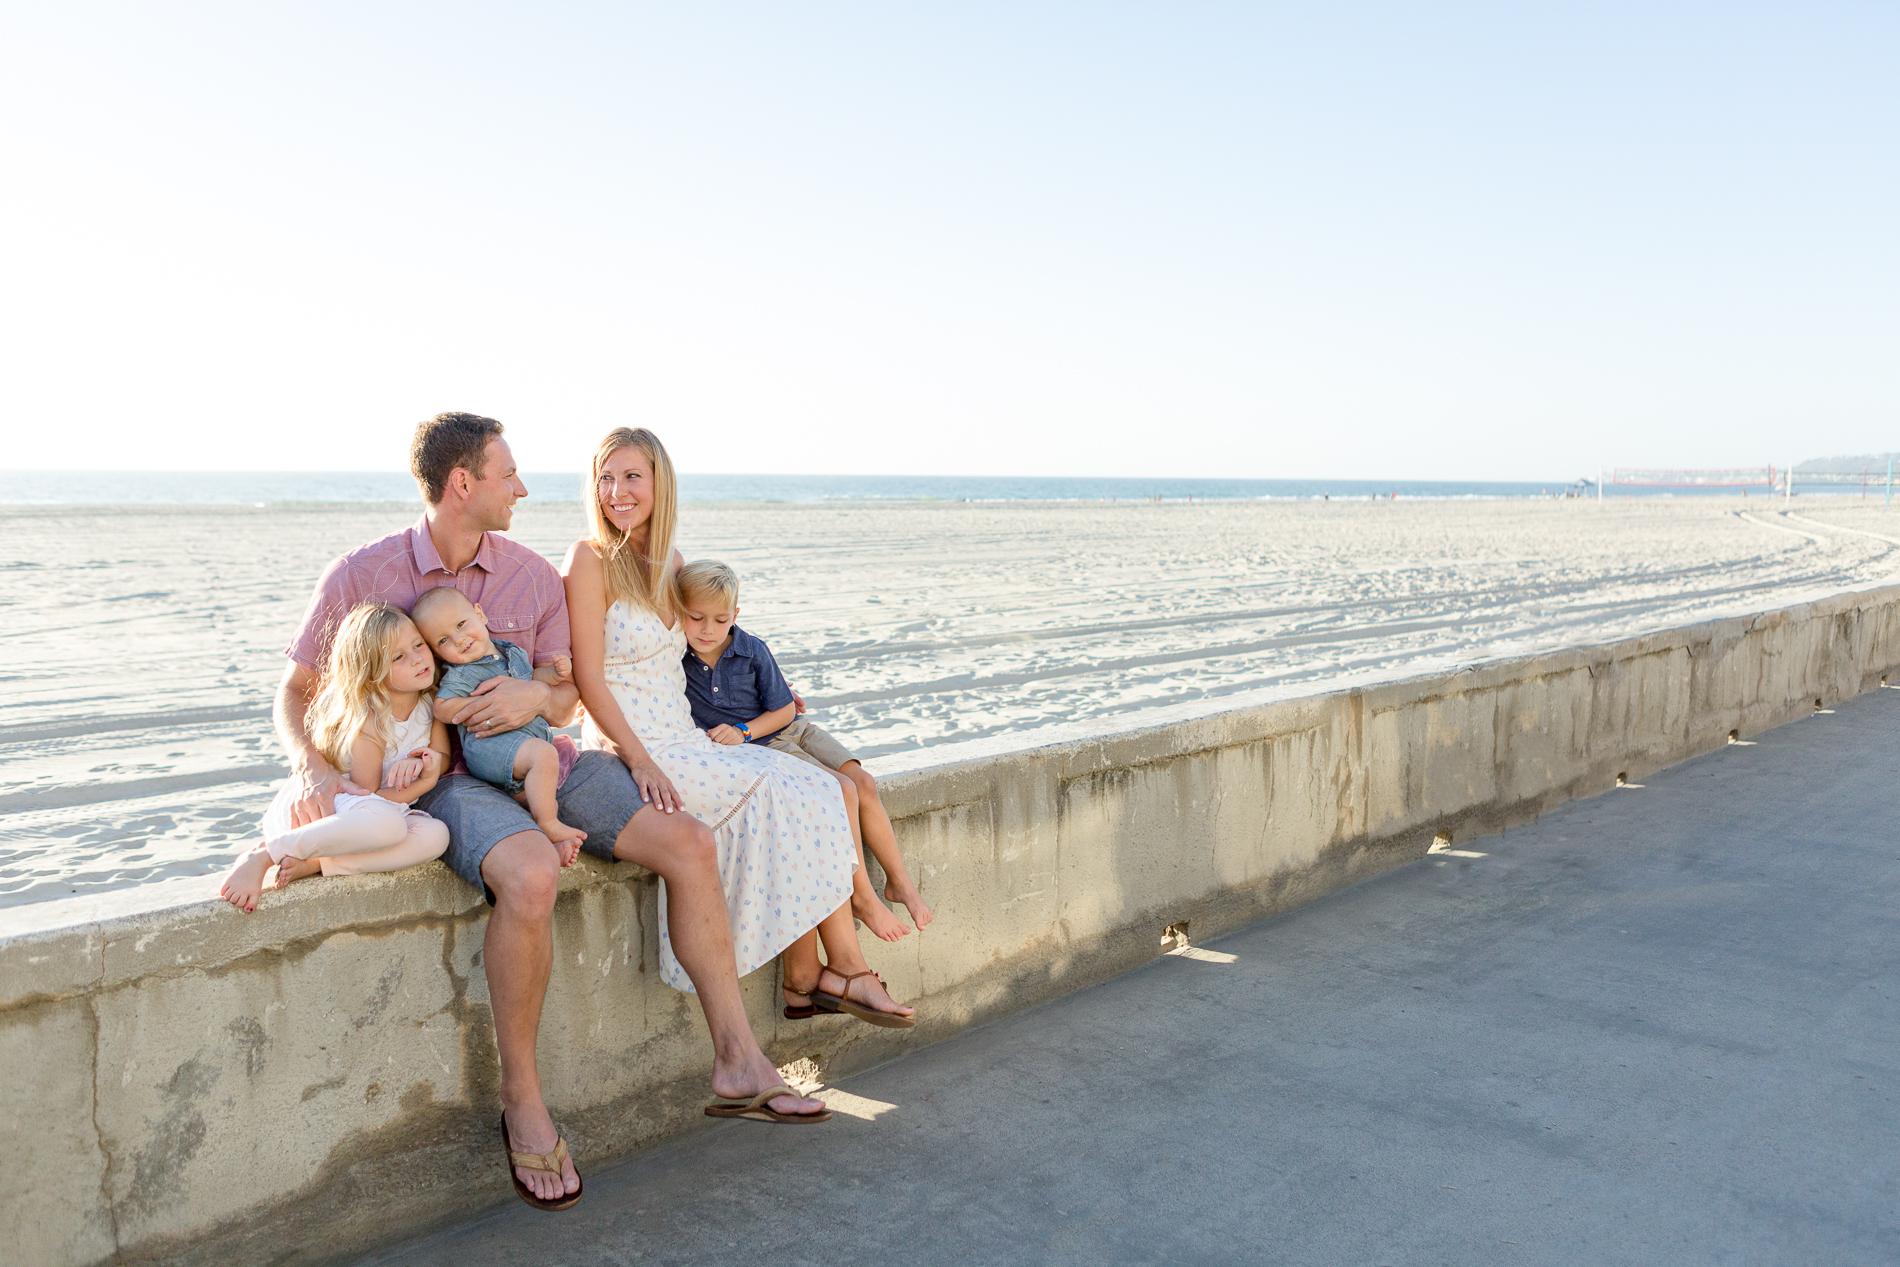 San Diego Family Photographer Christine Dammann Photography Family Photos at the beach. WS-1.jpg